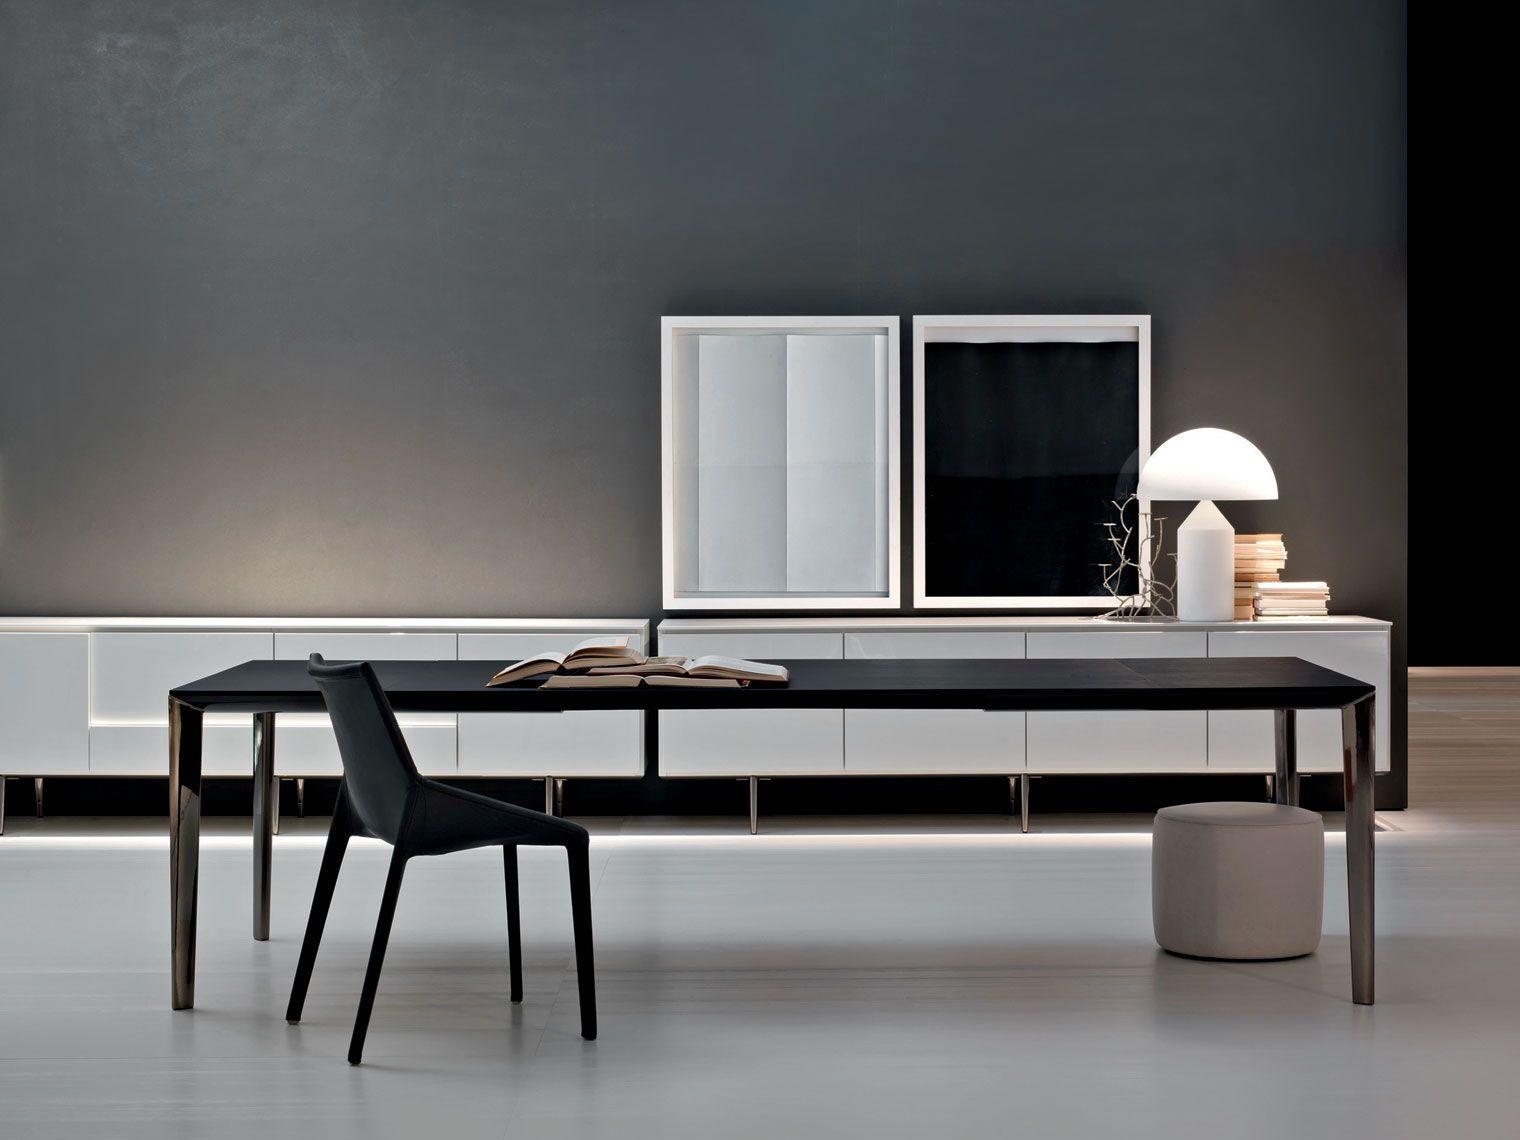 Tavolo stockholm ~ Tavolo bergamo mobili di design sedie di design e tavoli di